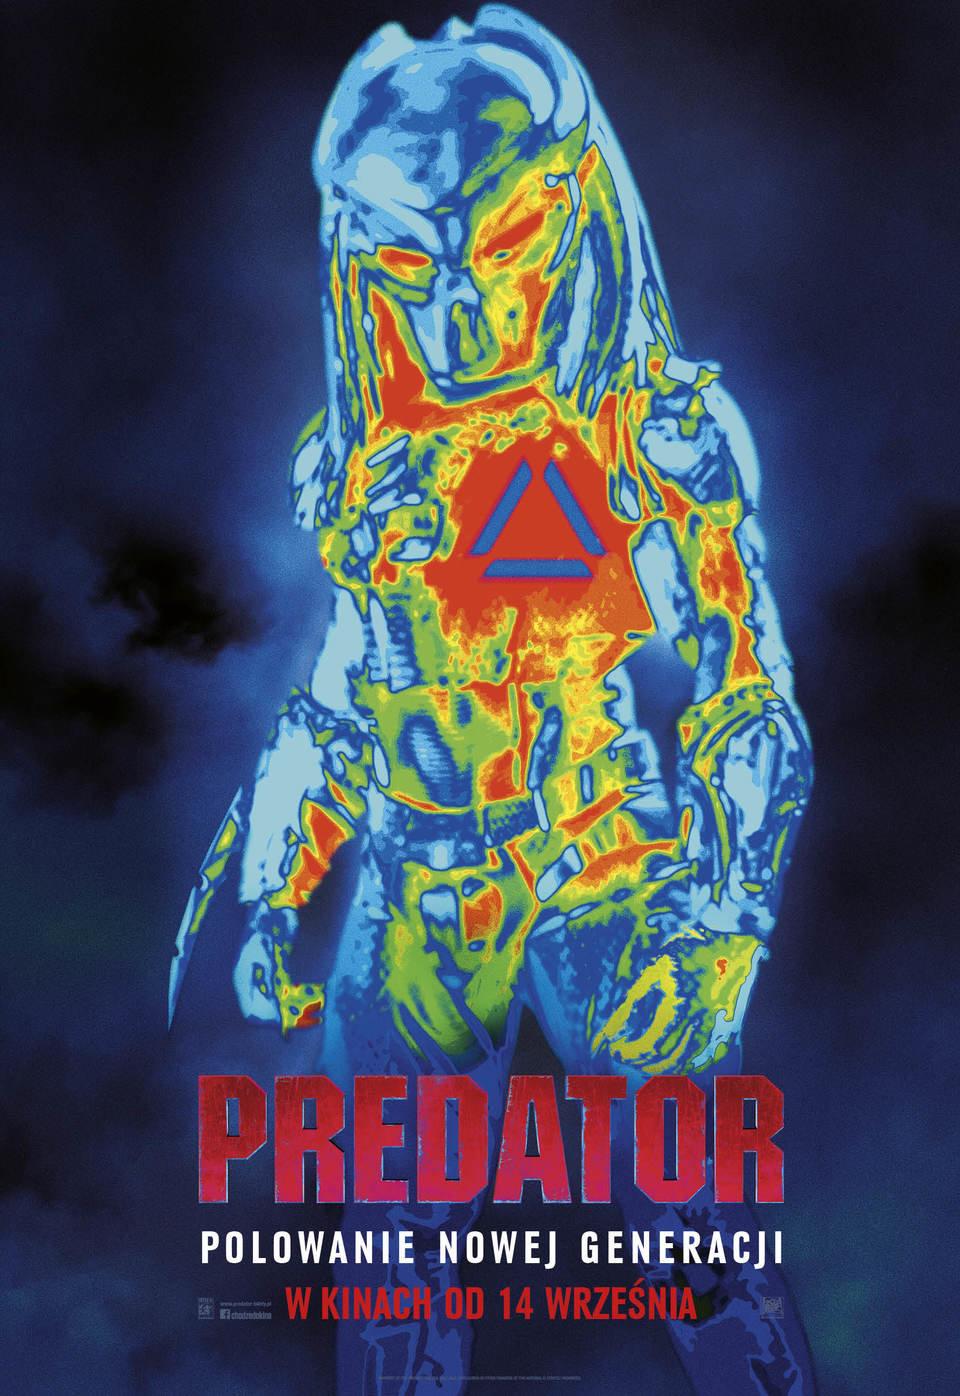 Predator_B1_B.jpg